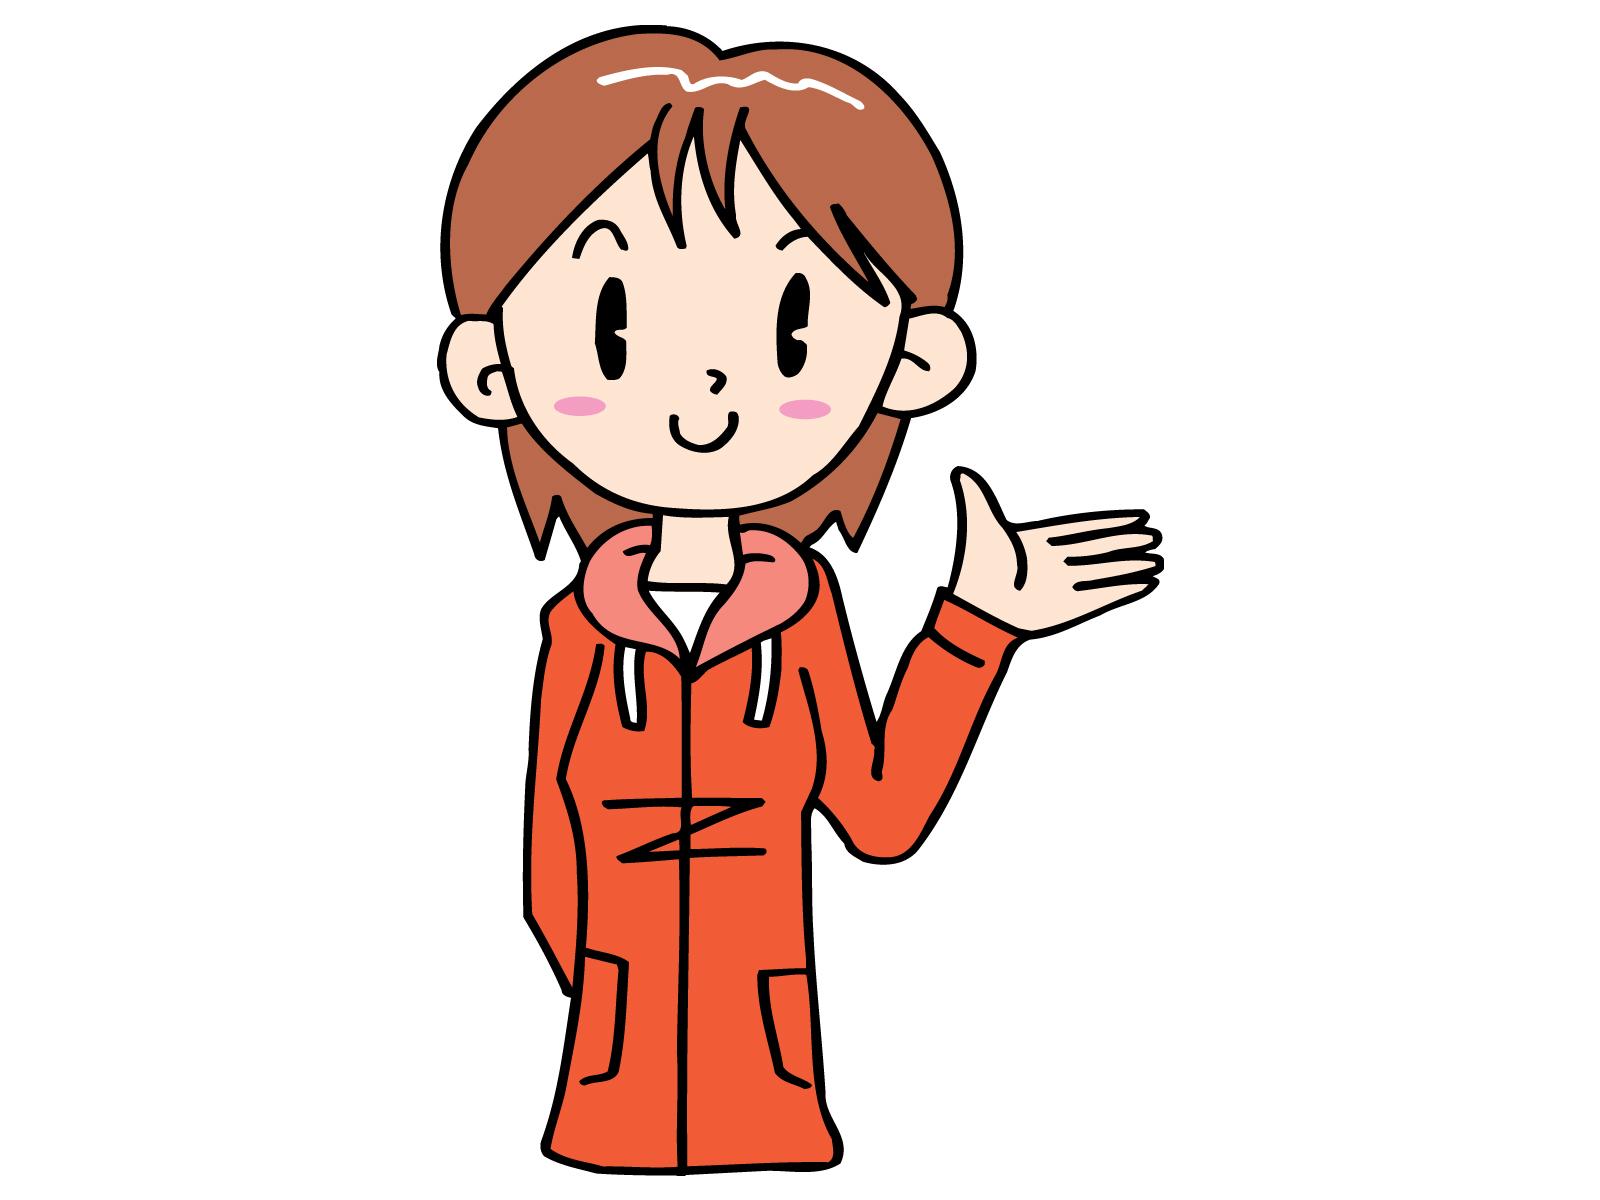 千葉で働くためのシステムエンジニアやプログラマー(SE/PG)の求人・採用情報